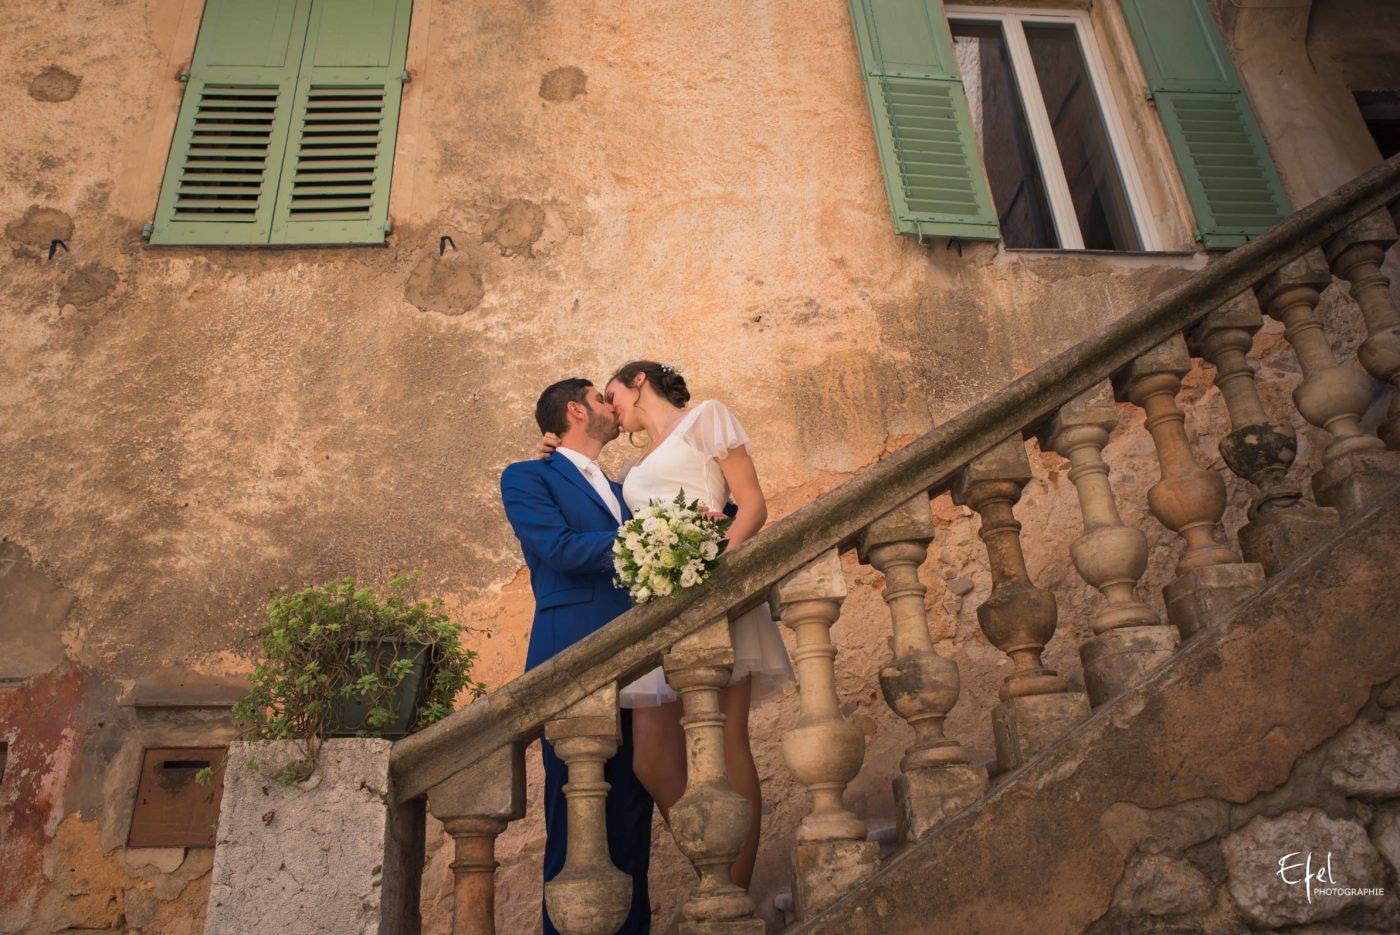 Shooting couple de mariage dans le village de Provence de Tourrettes-sur-Loup sur loup - photographe mariage hautes alpes et alpes maritimes